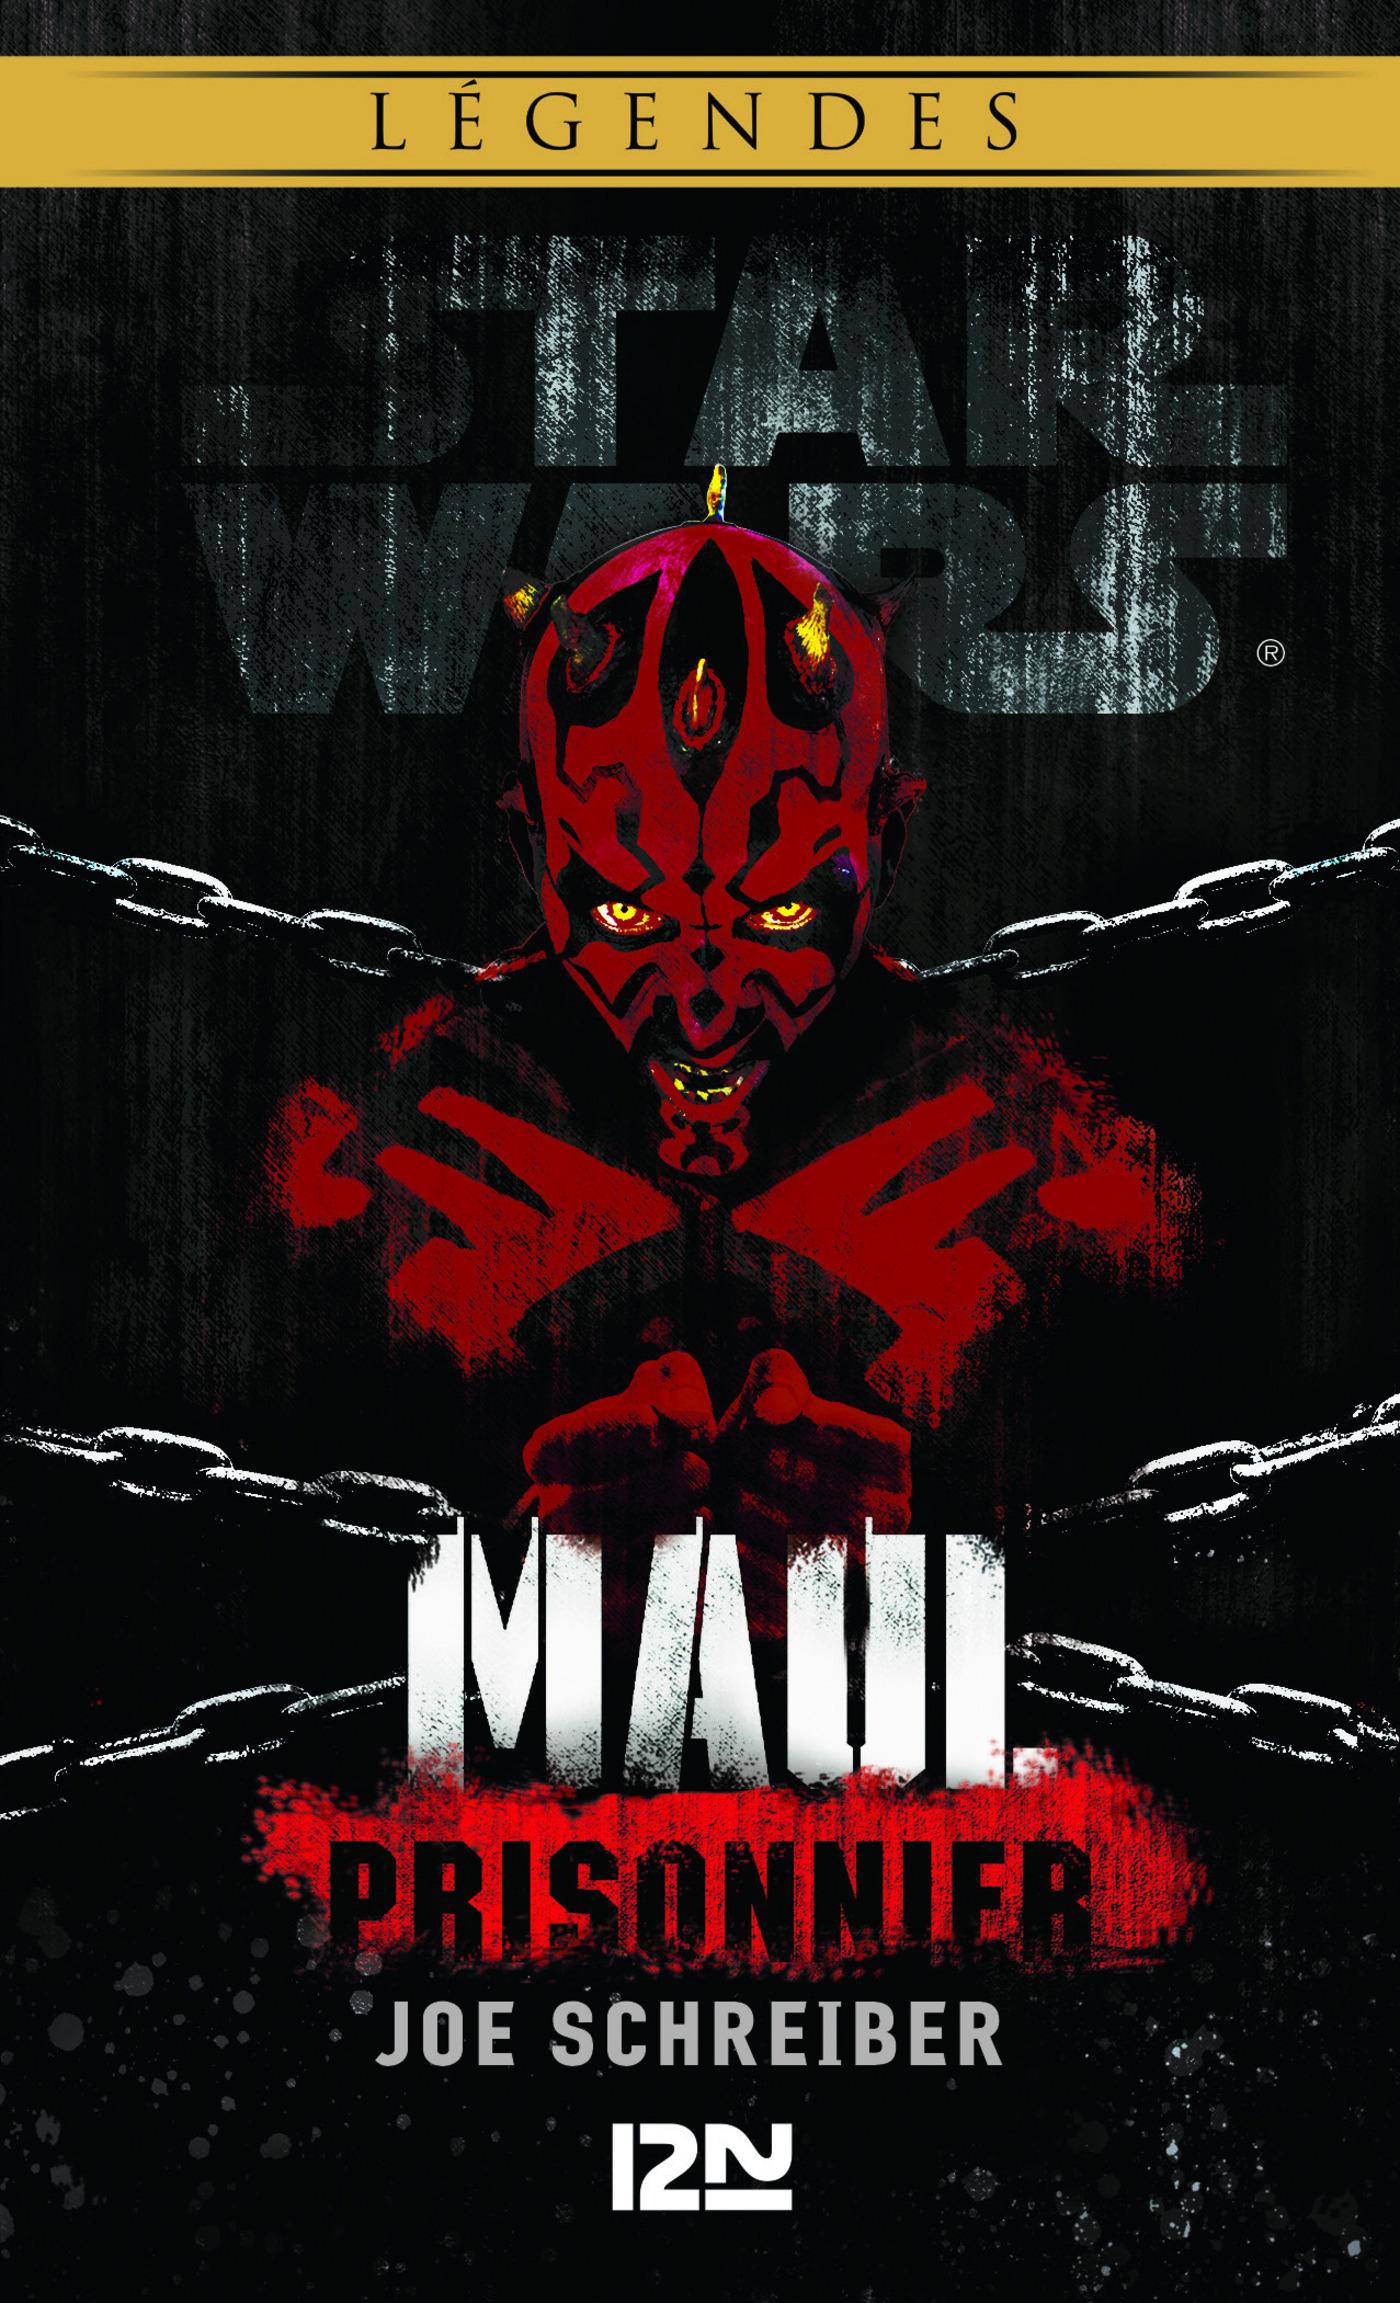 Star Wars légendes - Maul prisonnier